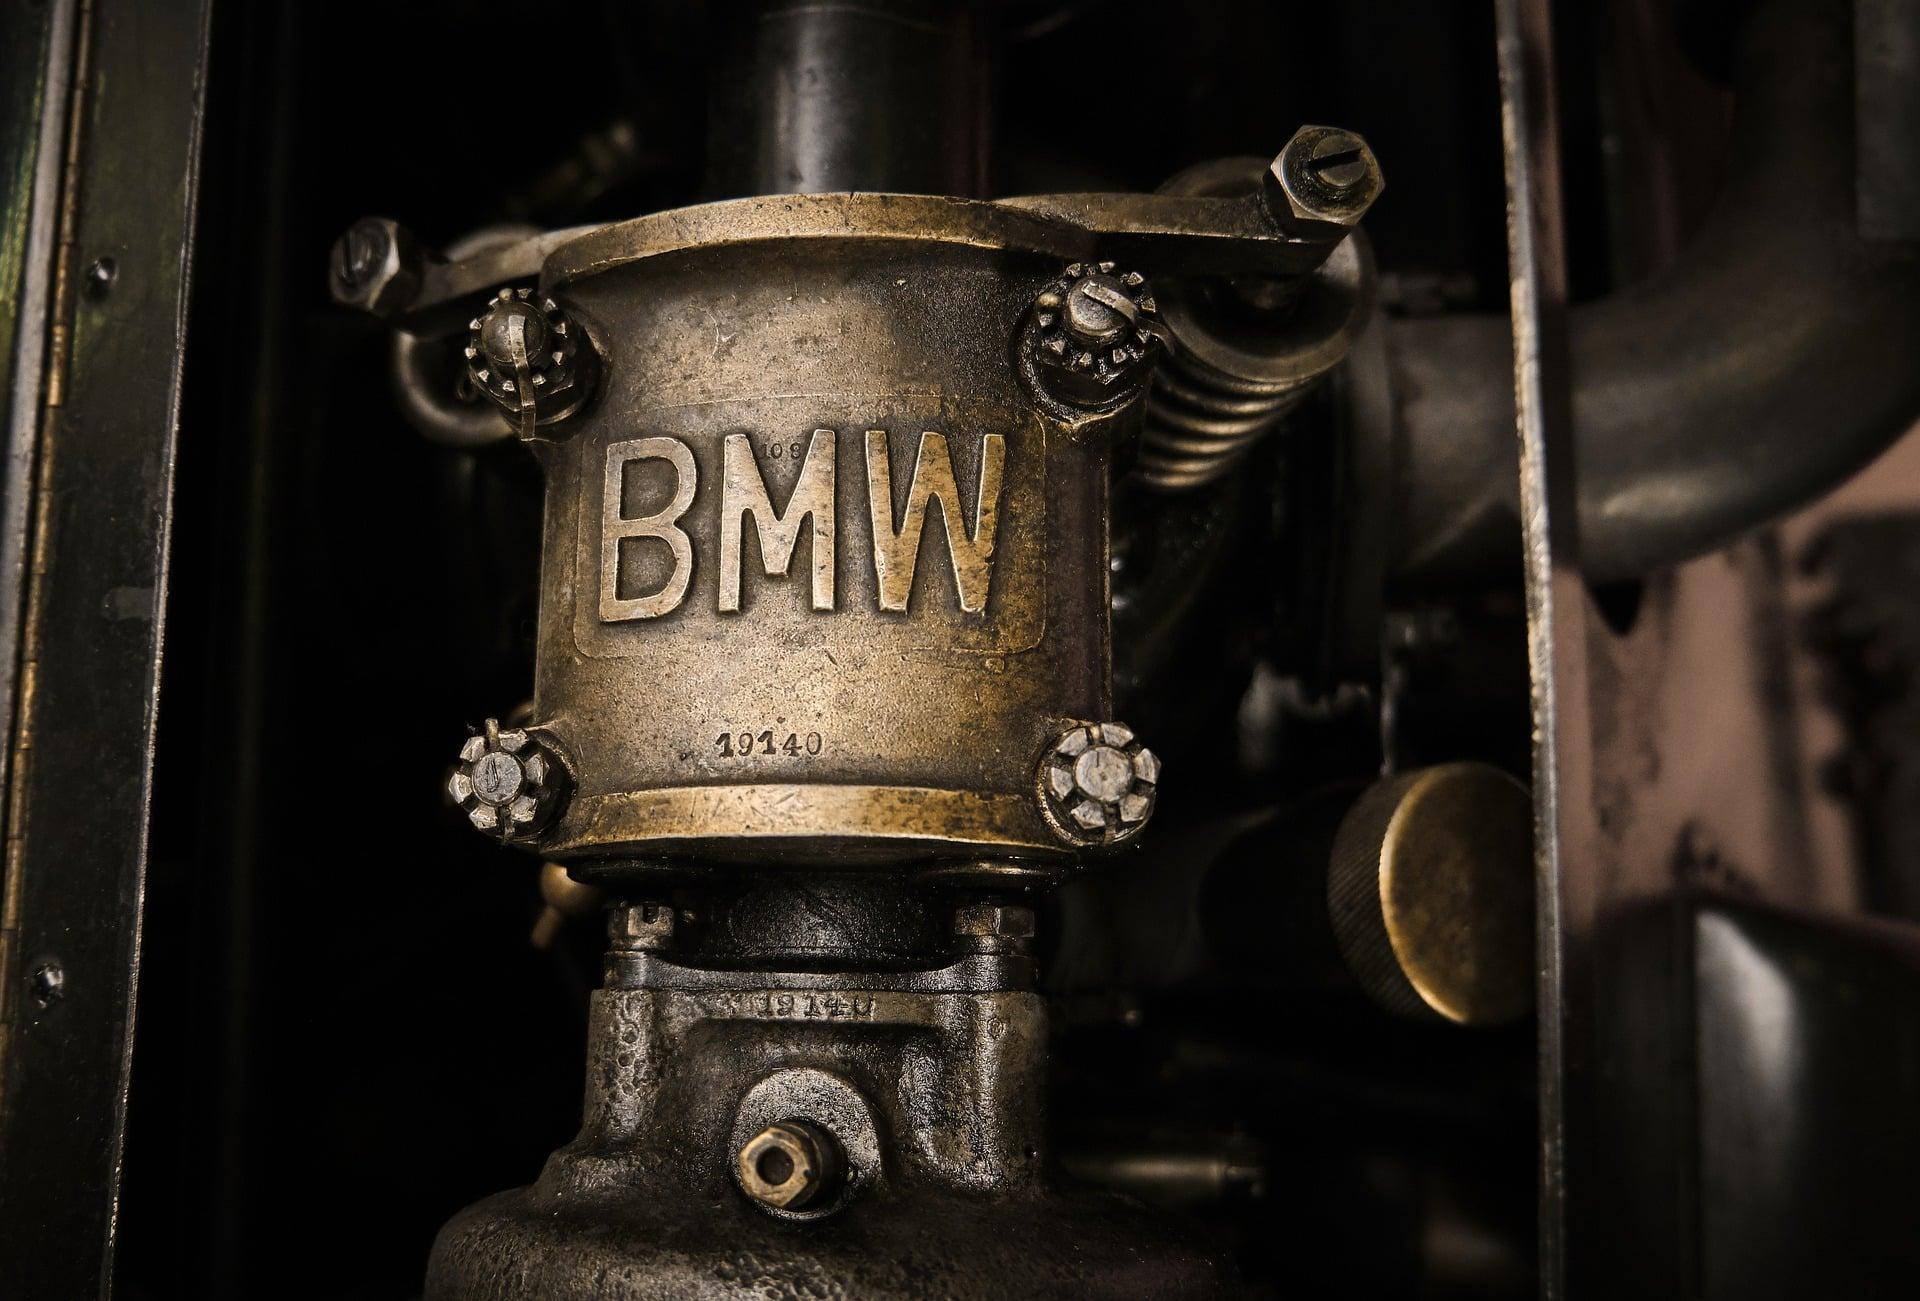 BMW vs DMW - krótka historia o tym, jak indyjska riksza zwróciła uwagę giganta motoryzacyjnego